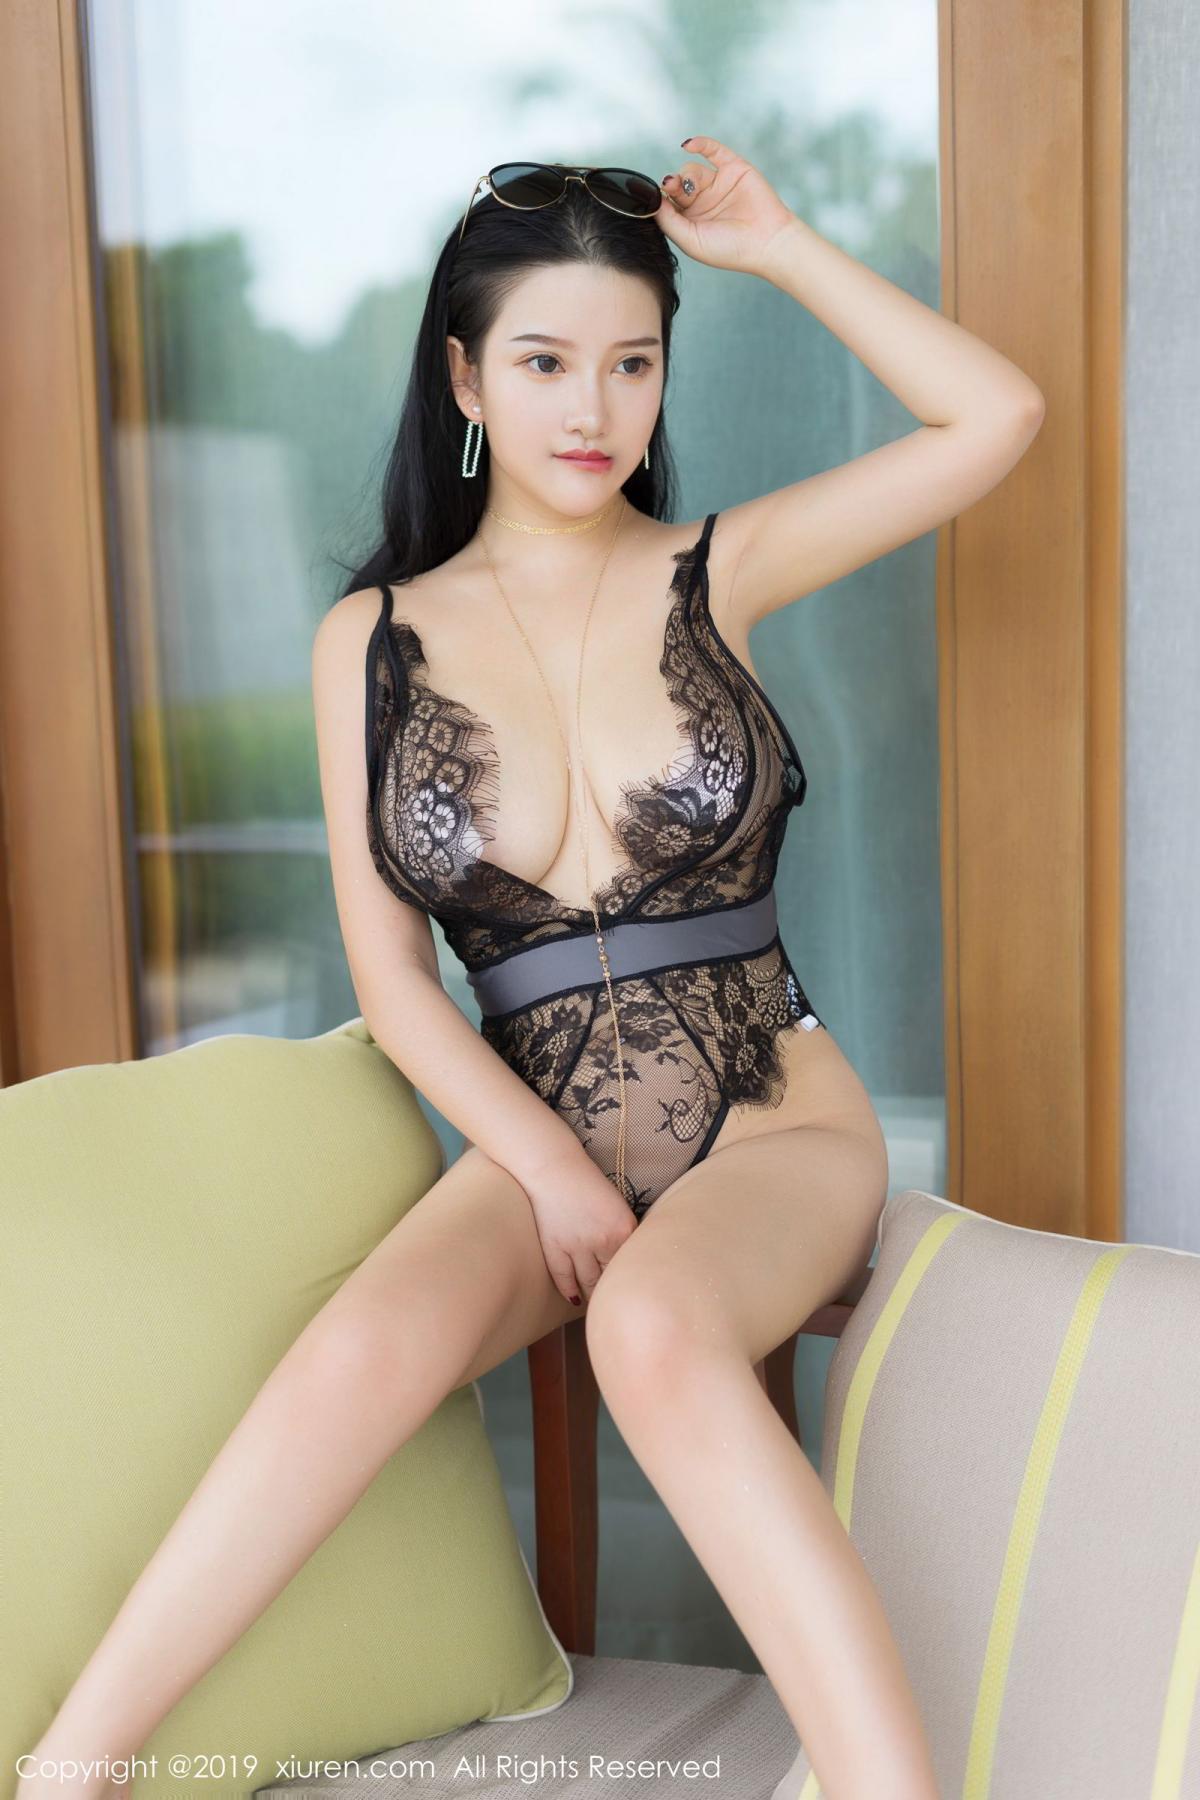 [XiuRen] Vol.1726 Lu Lu Xiao Miao 44P, Lu Lu Xiao Miao, Outdoor, Swim Pool, Xiuren